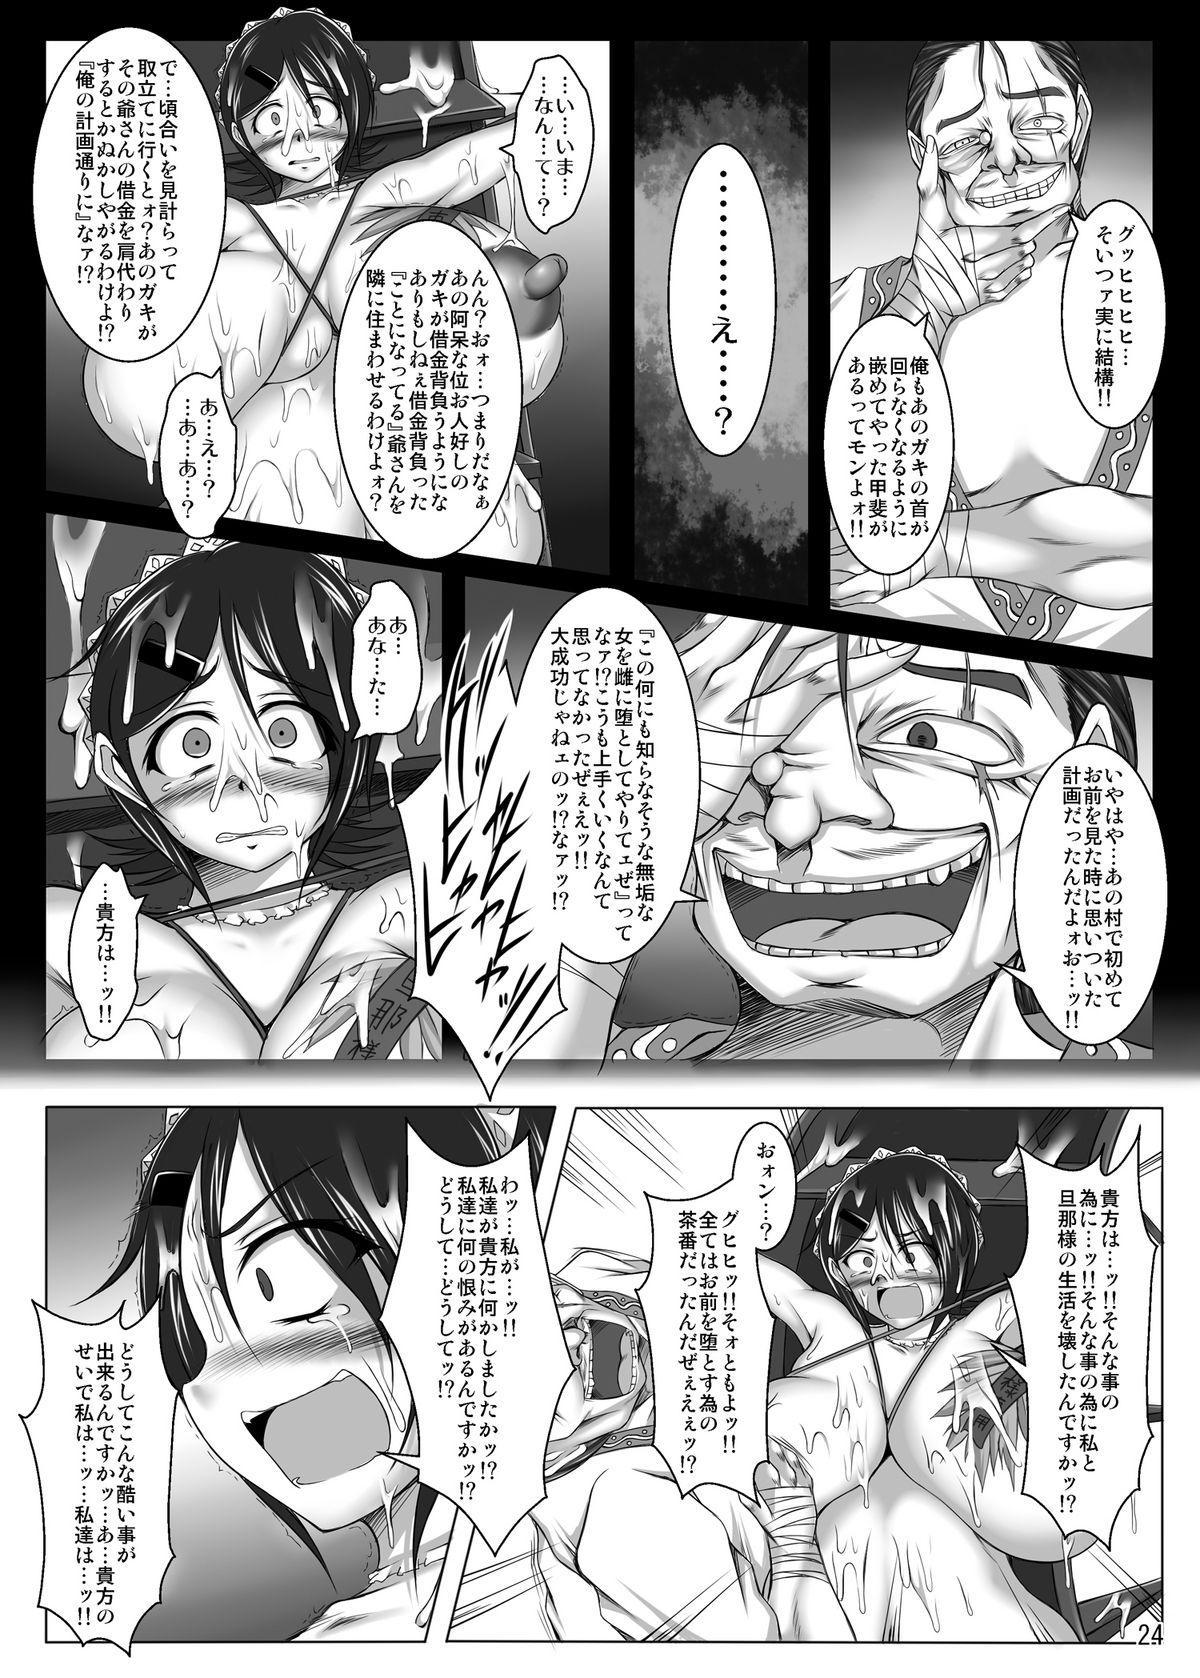 Iroha Kuzushi 23